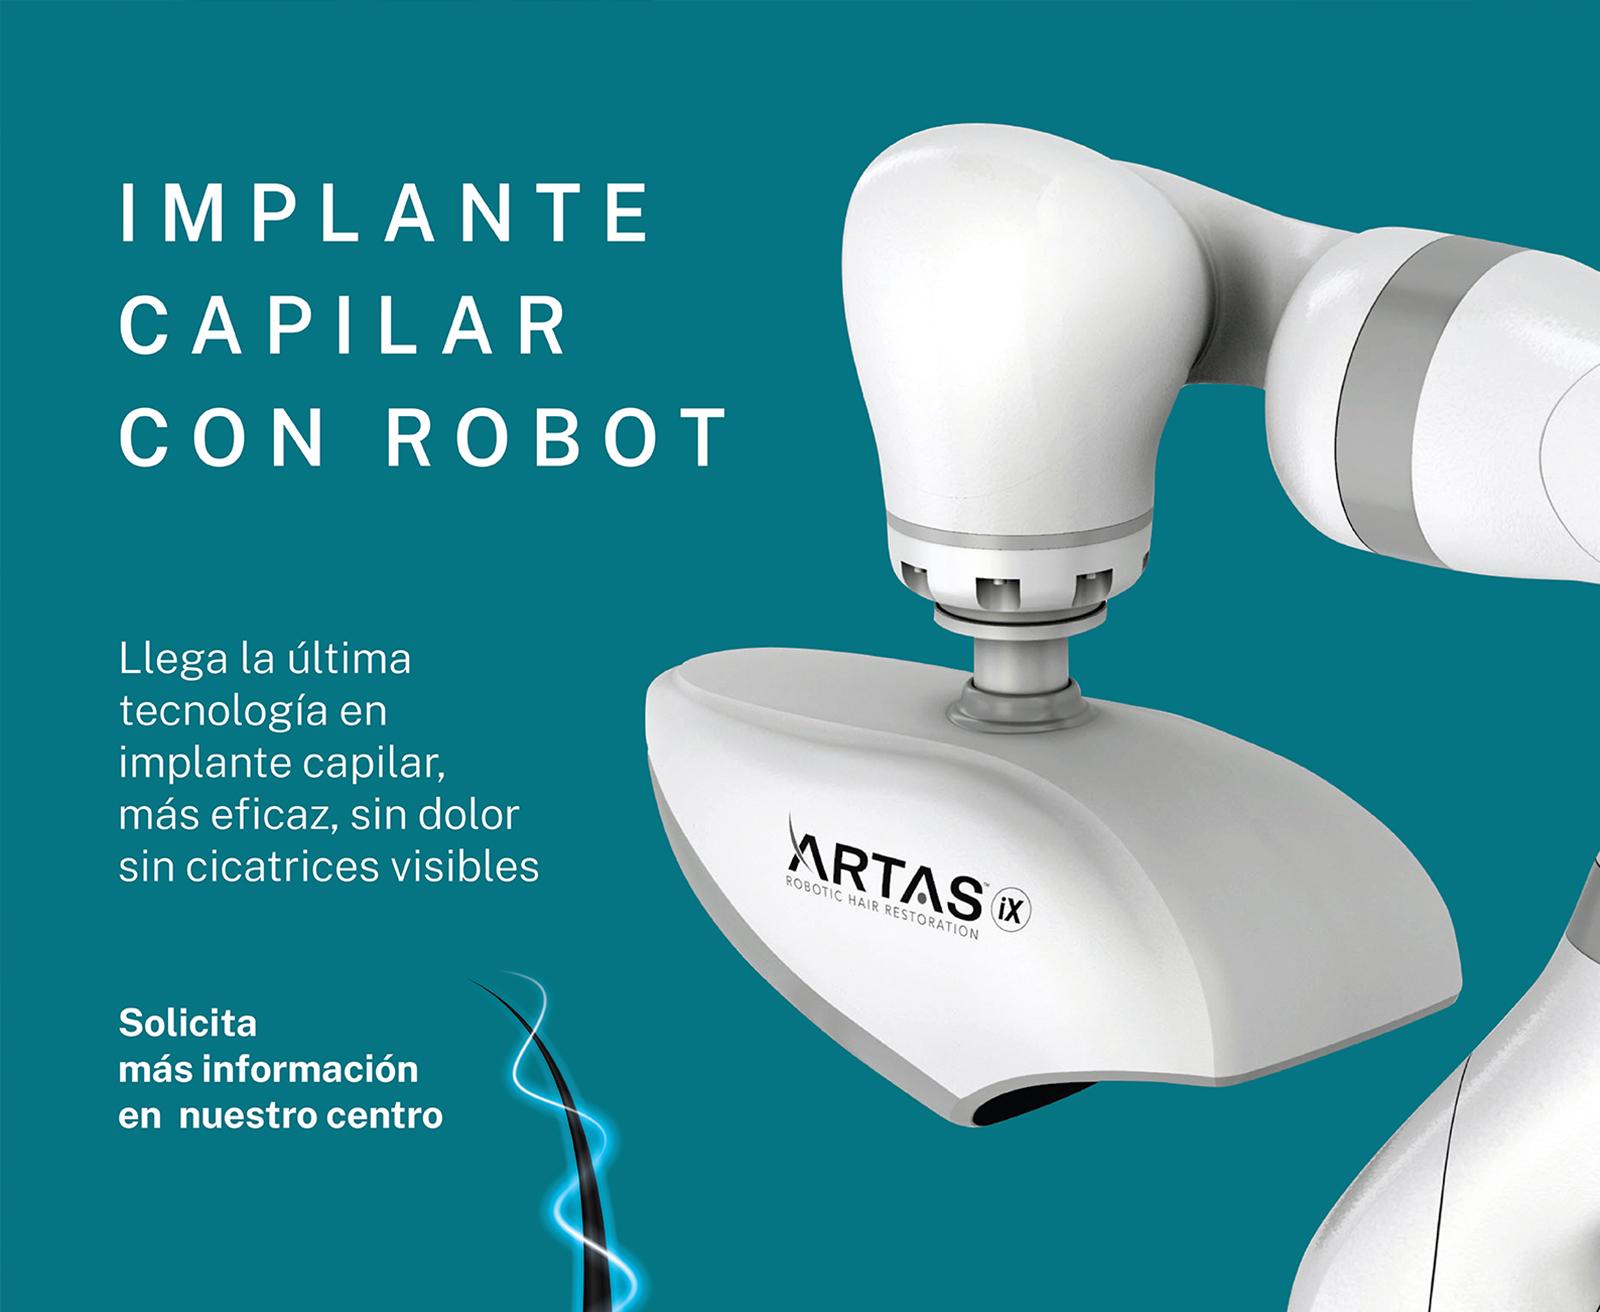 Implante capilar con robot ARTAS